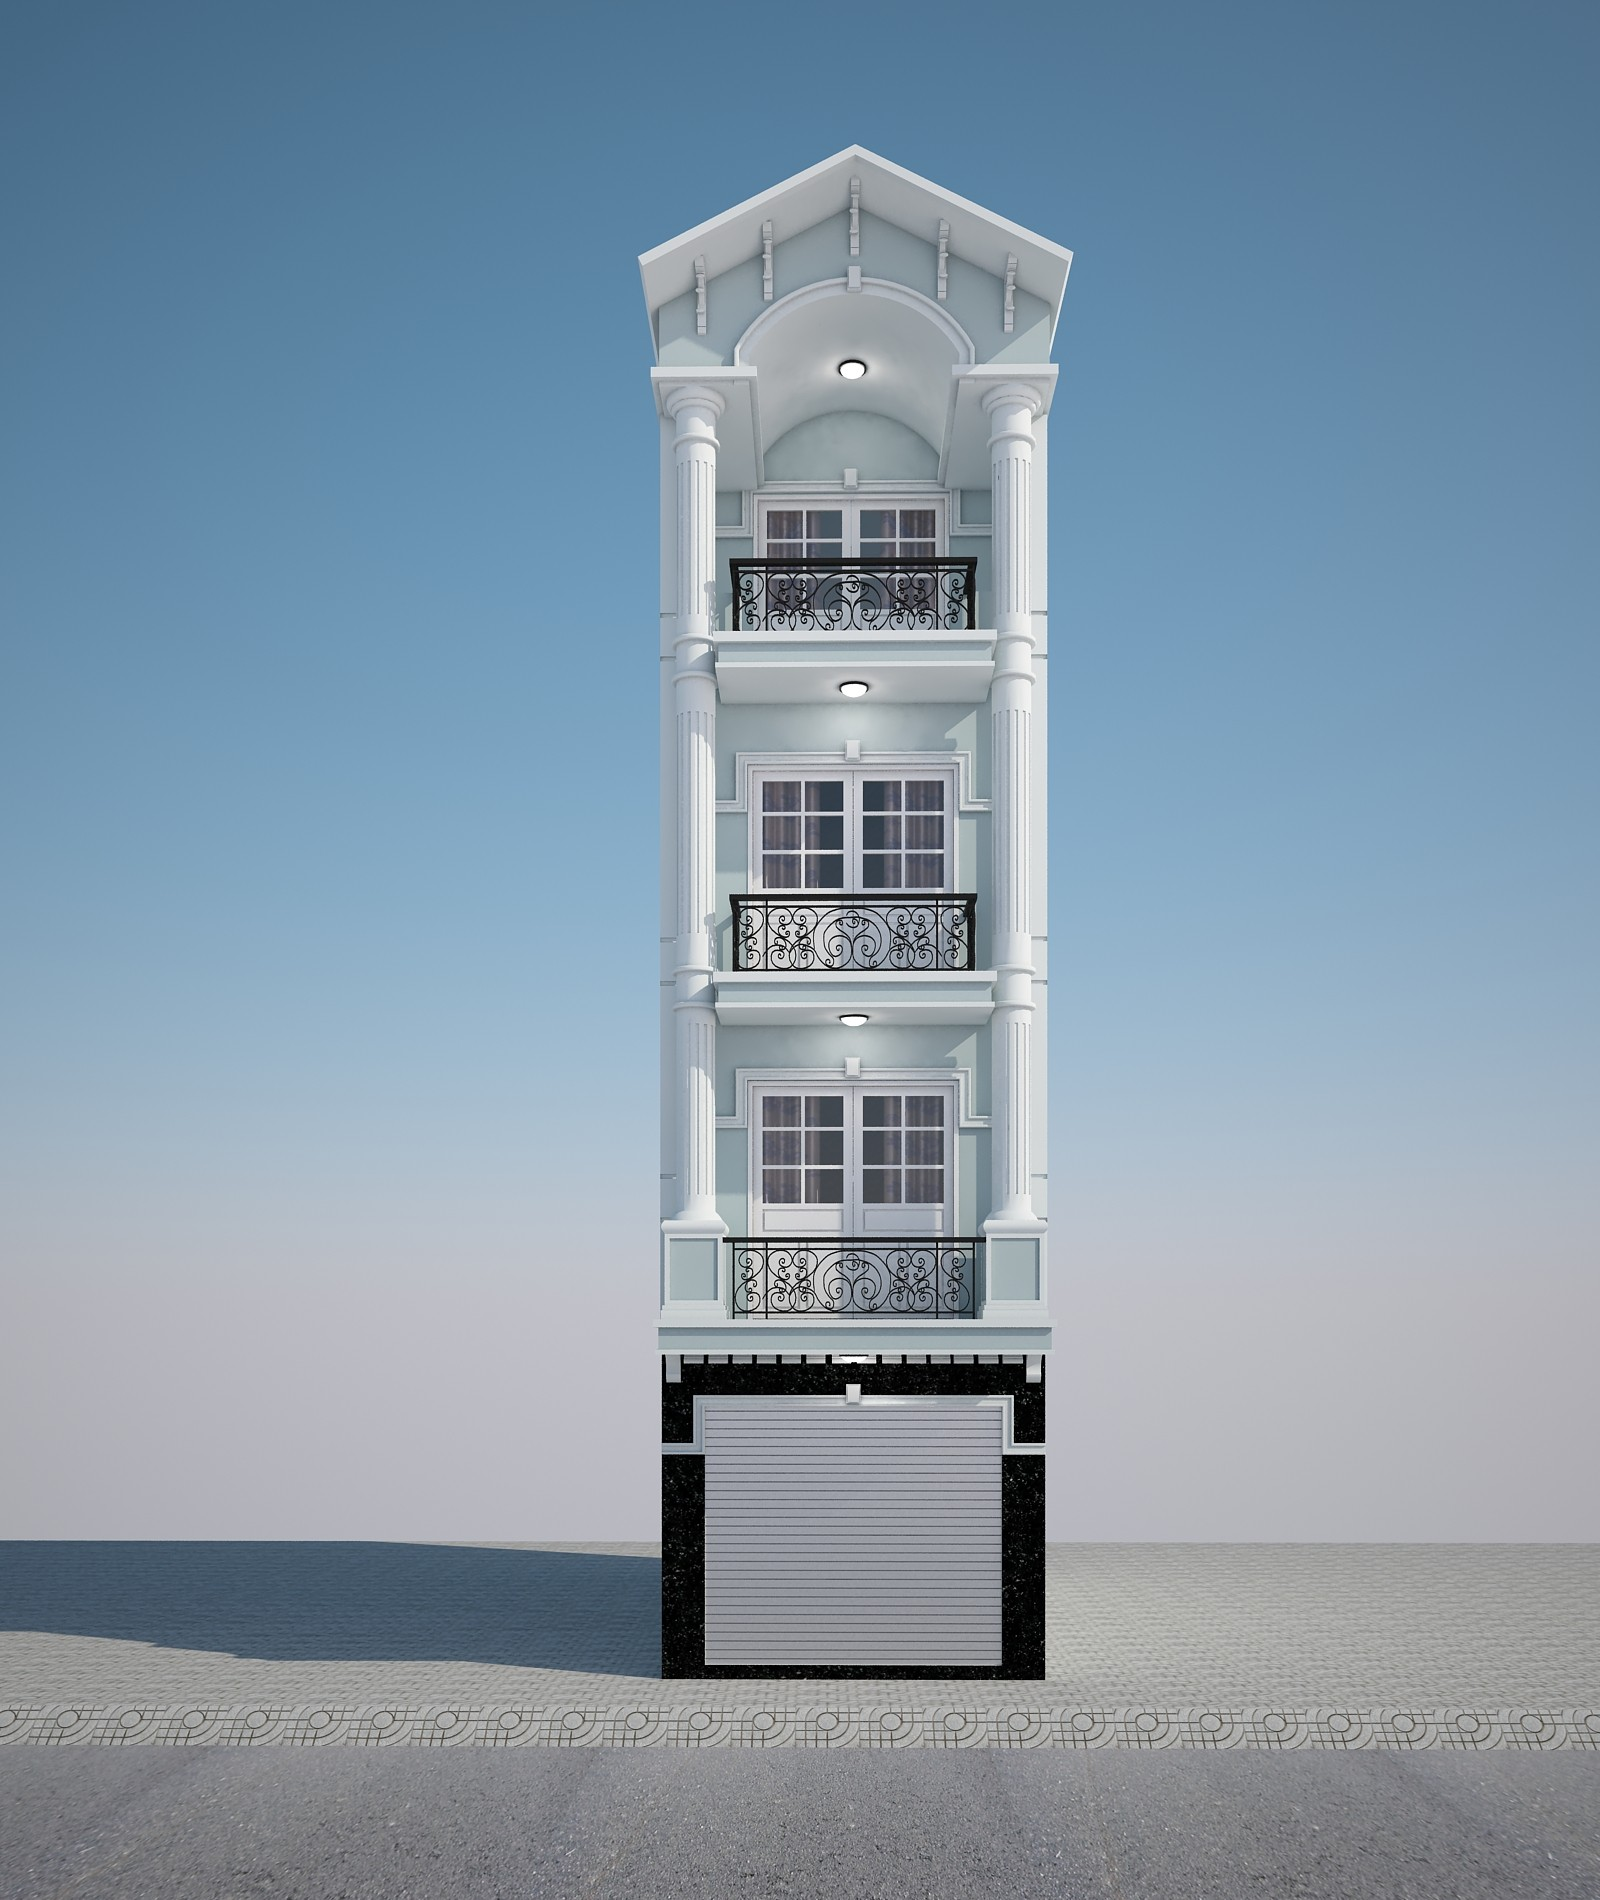 10 Thiết Kế Nhà Ống Tại Hà Nội 45.000đ, Thiết kế nhà ống đẹp ở Hà Nội Giá Rẻ